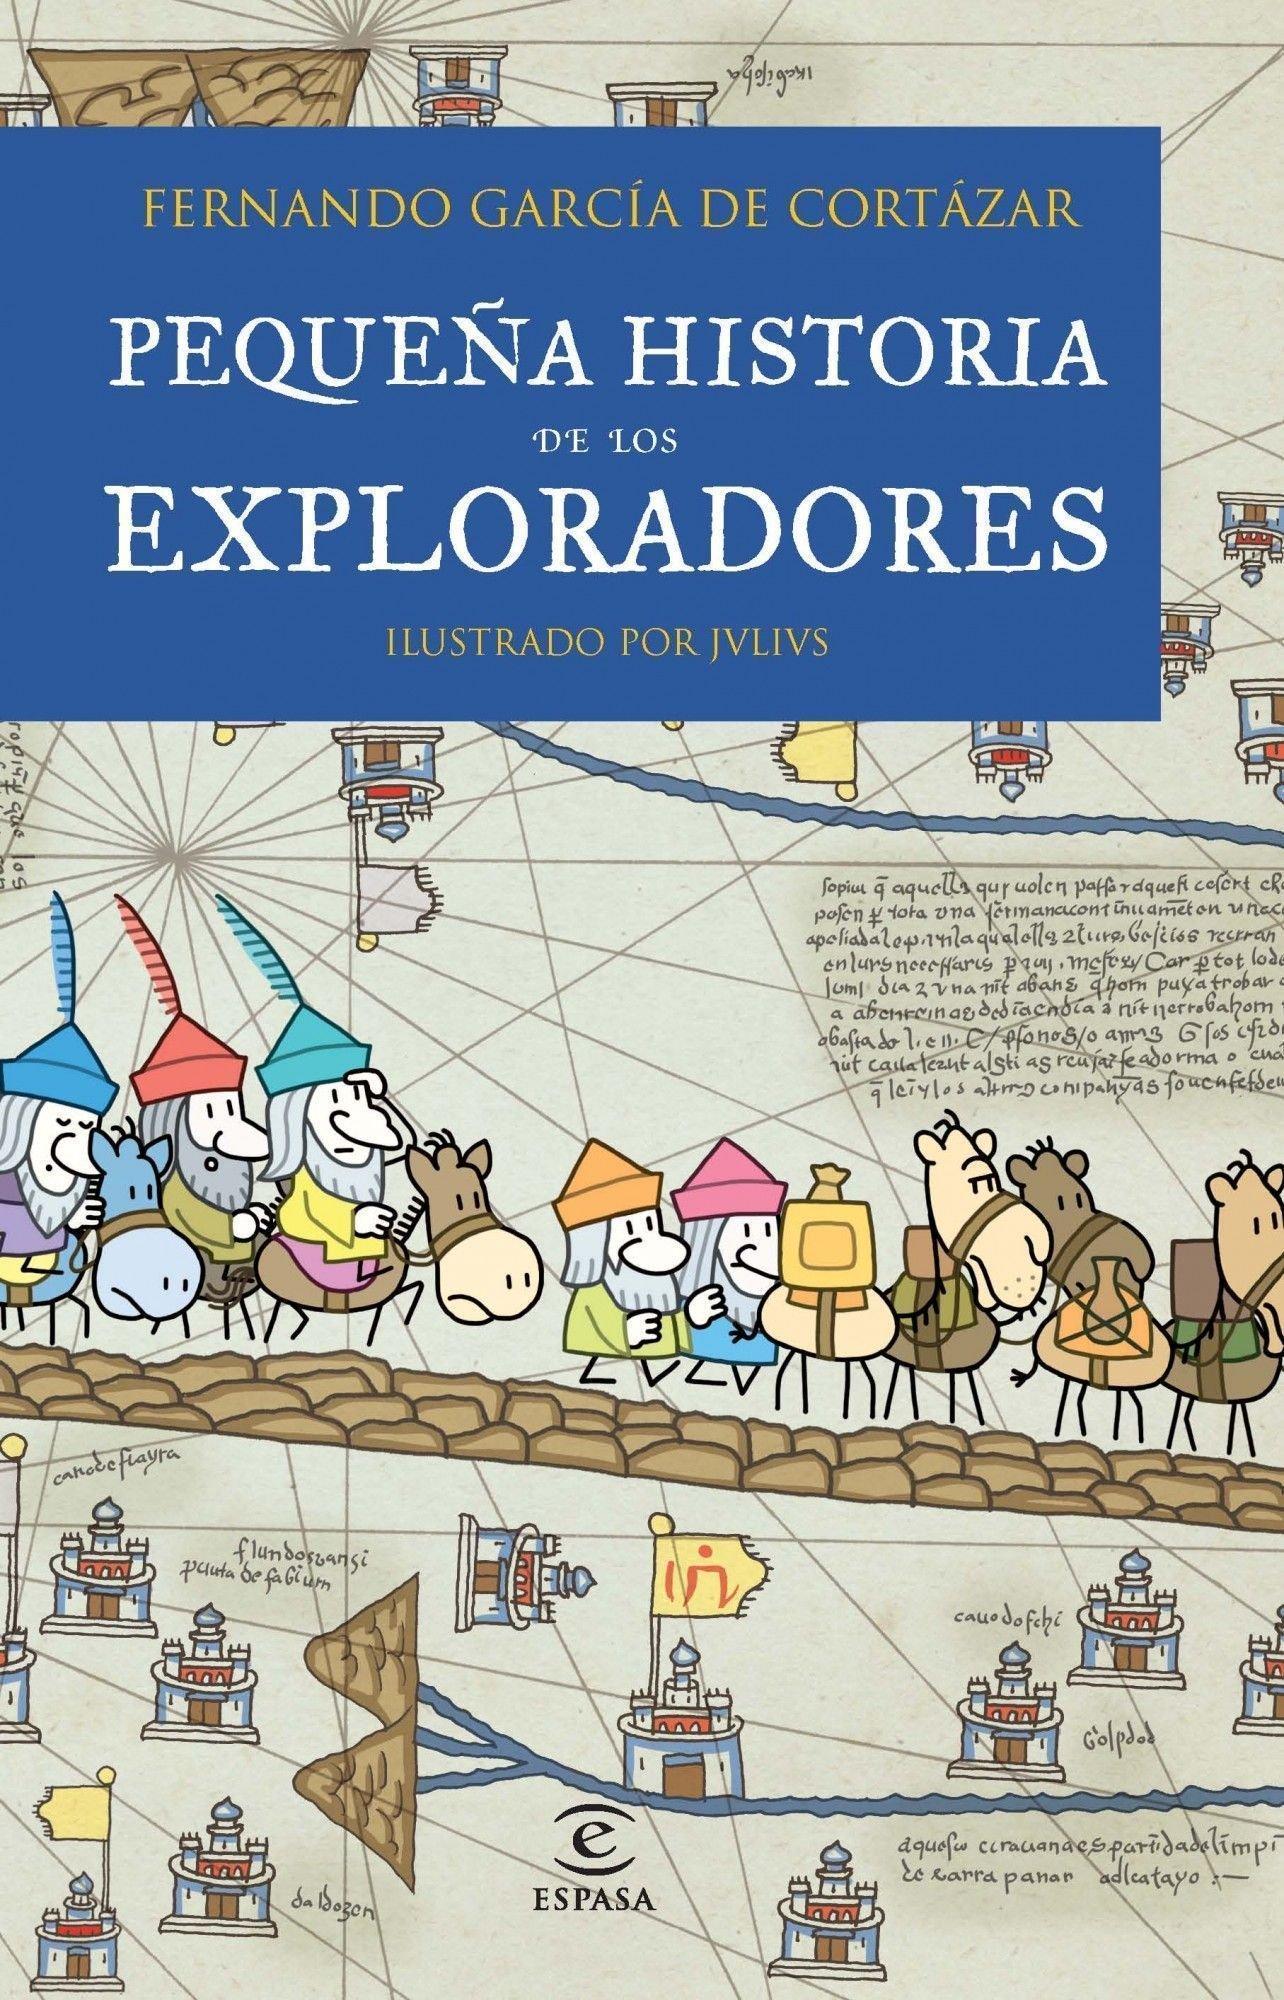 Pequeña historia de los exploradores LIBROS INFANTILES Y JUVENILES: Amazon. es: Fernando García de Cortázar: Libros